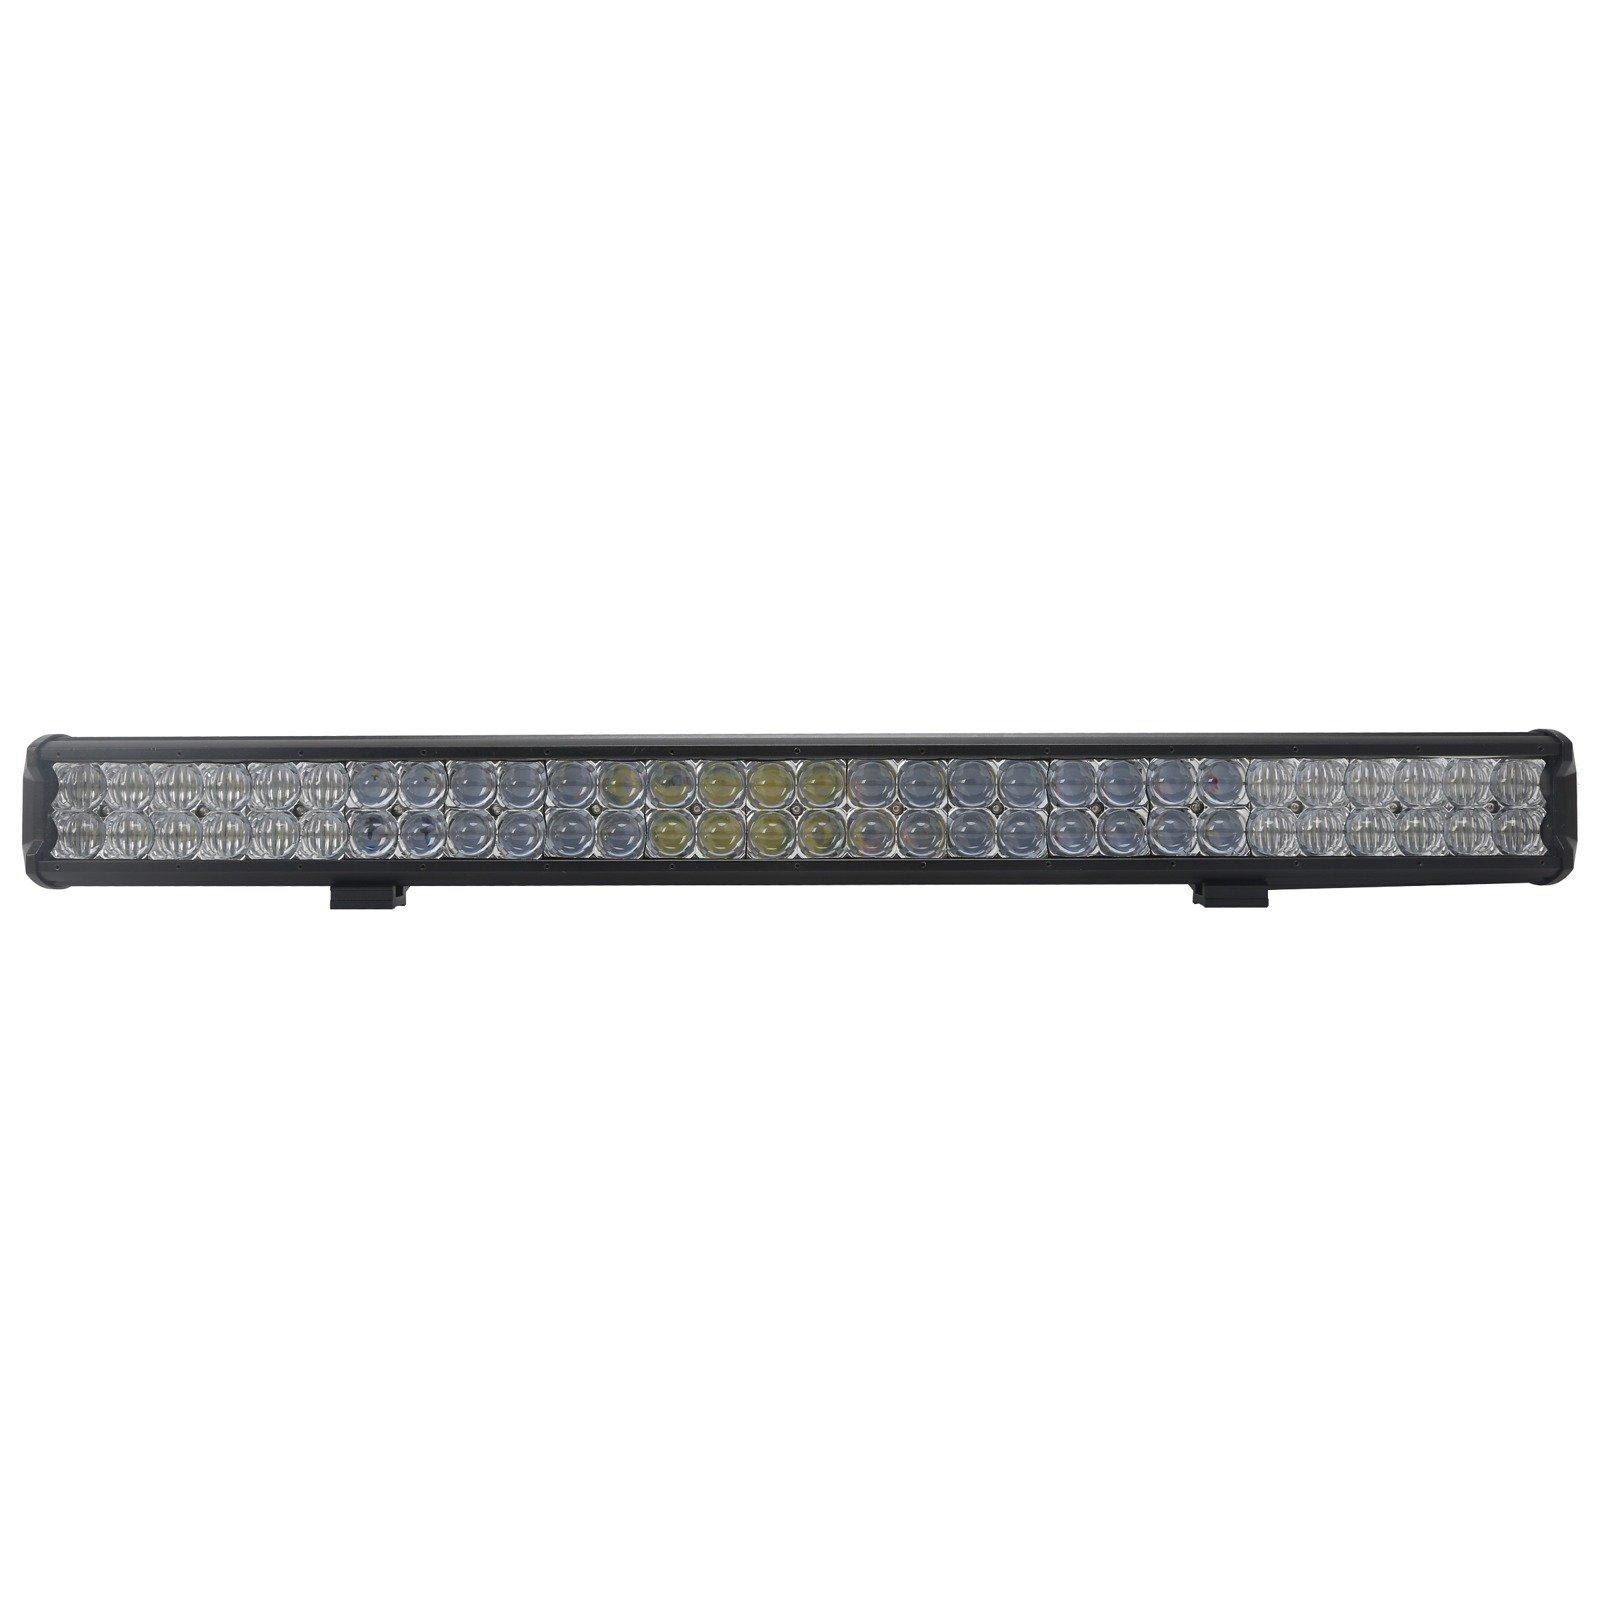 led work light bar 4x4 off road atv truck quad flood lamp 31 5 180w led lb c5d 180w led off. Black Bedroom Furniture Sets. Home Design Ideas